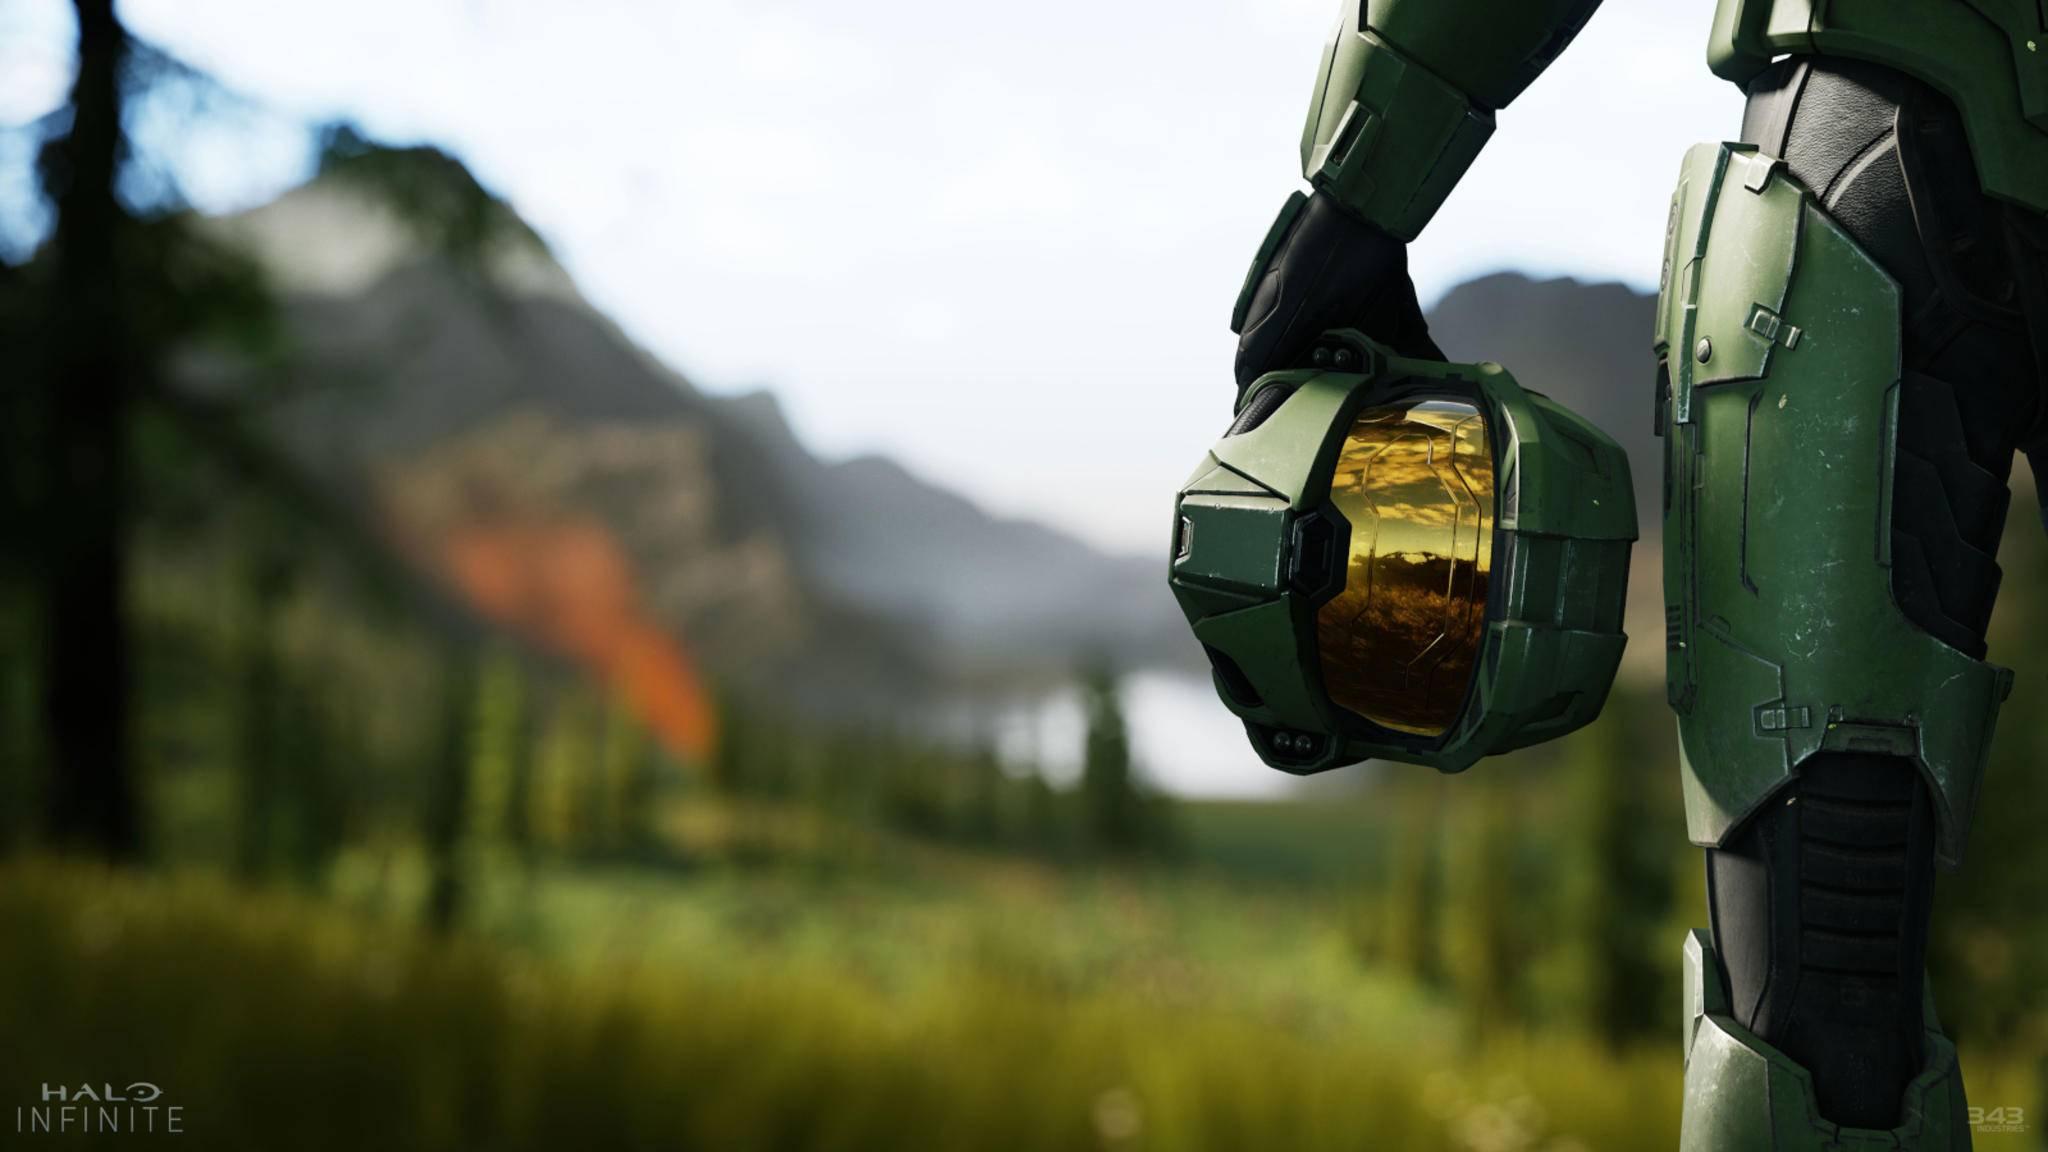 """Bald sehen wir, wie sich """"Halo"""" im Fernsehen macht."""